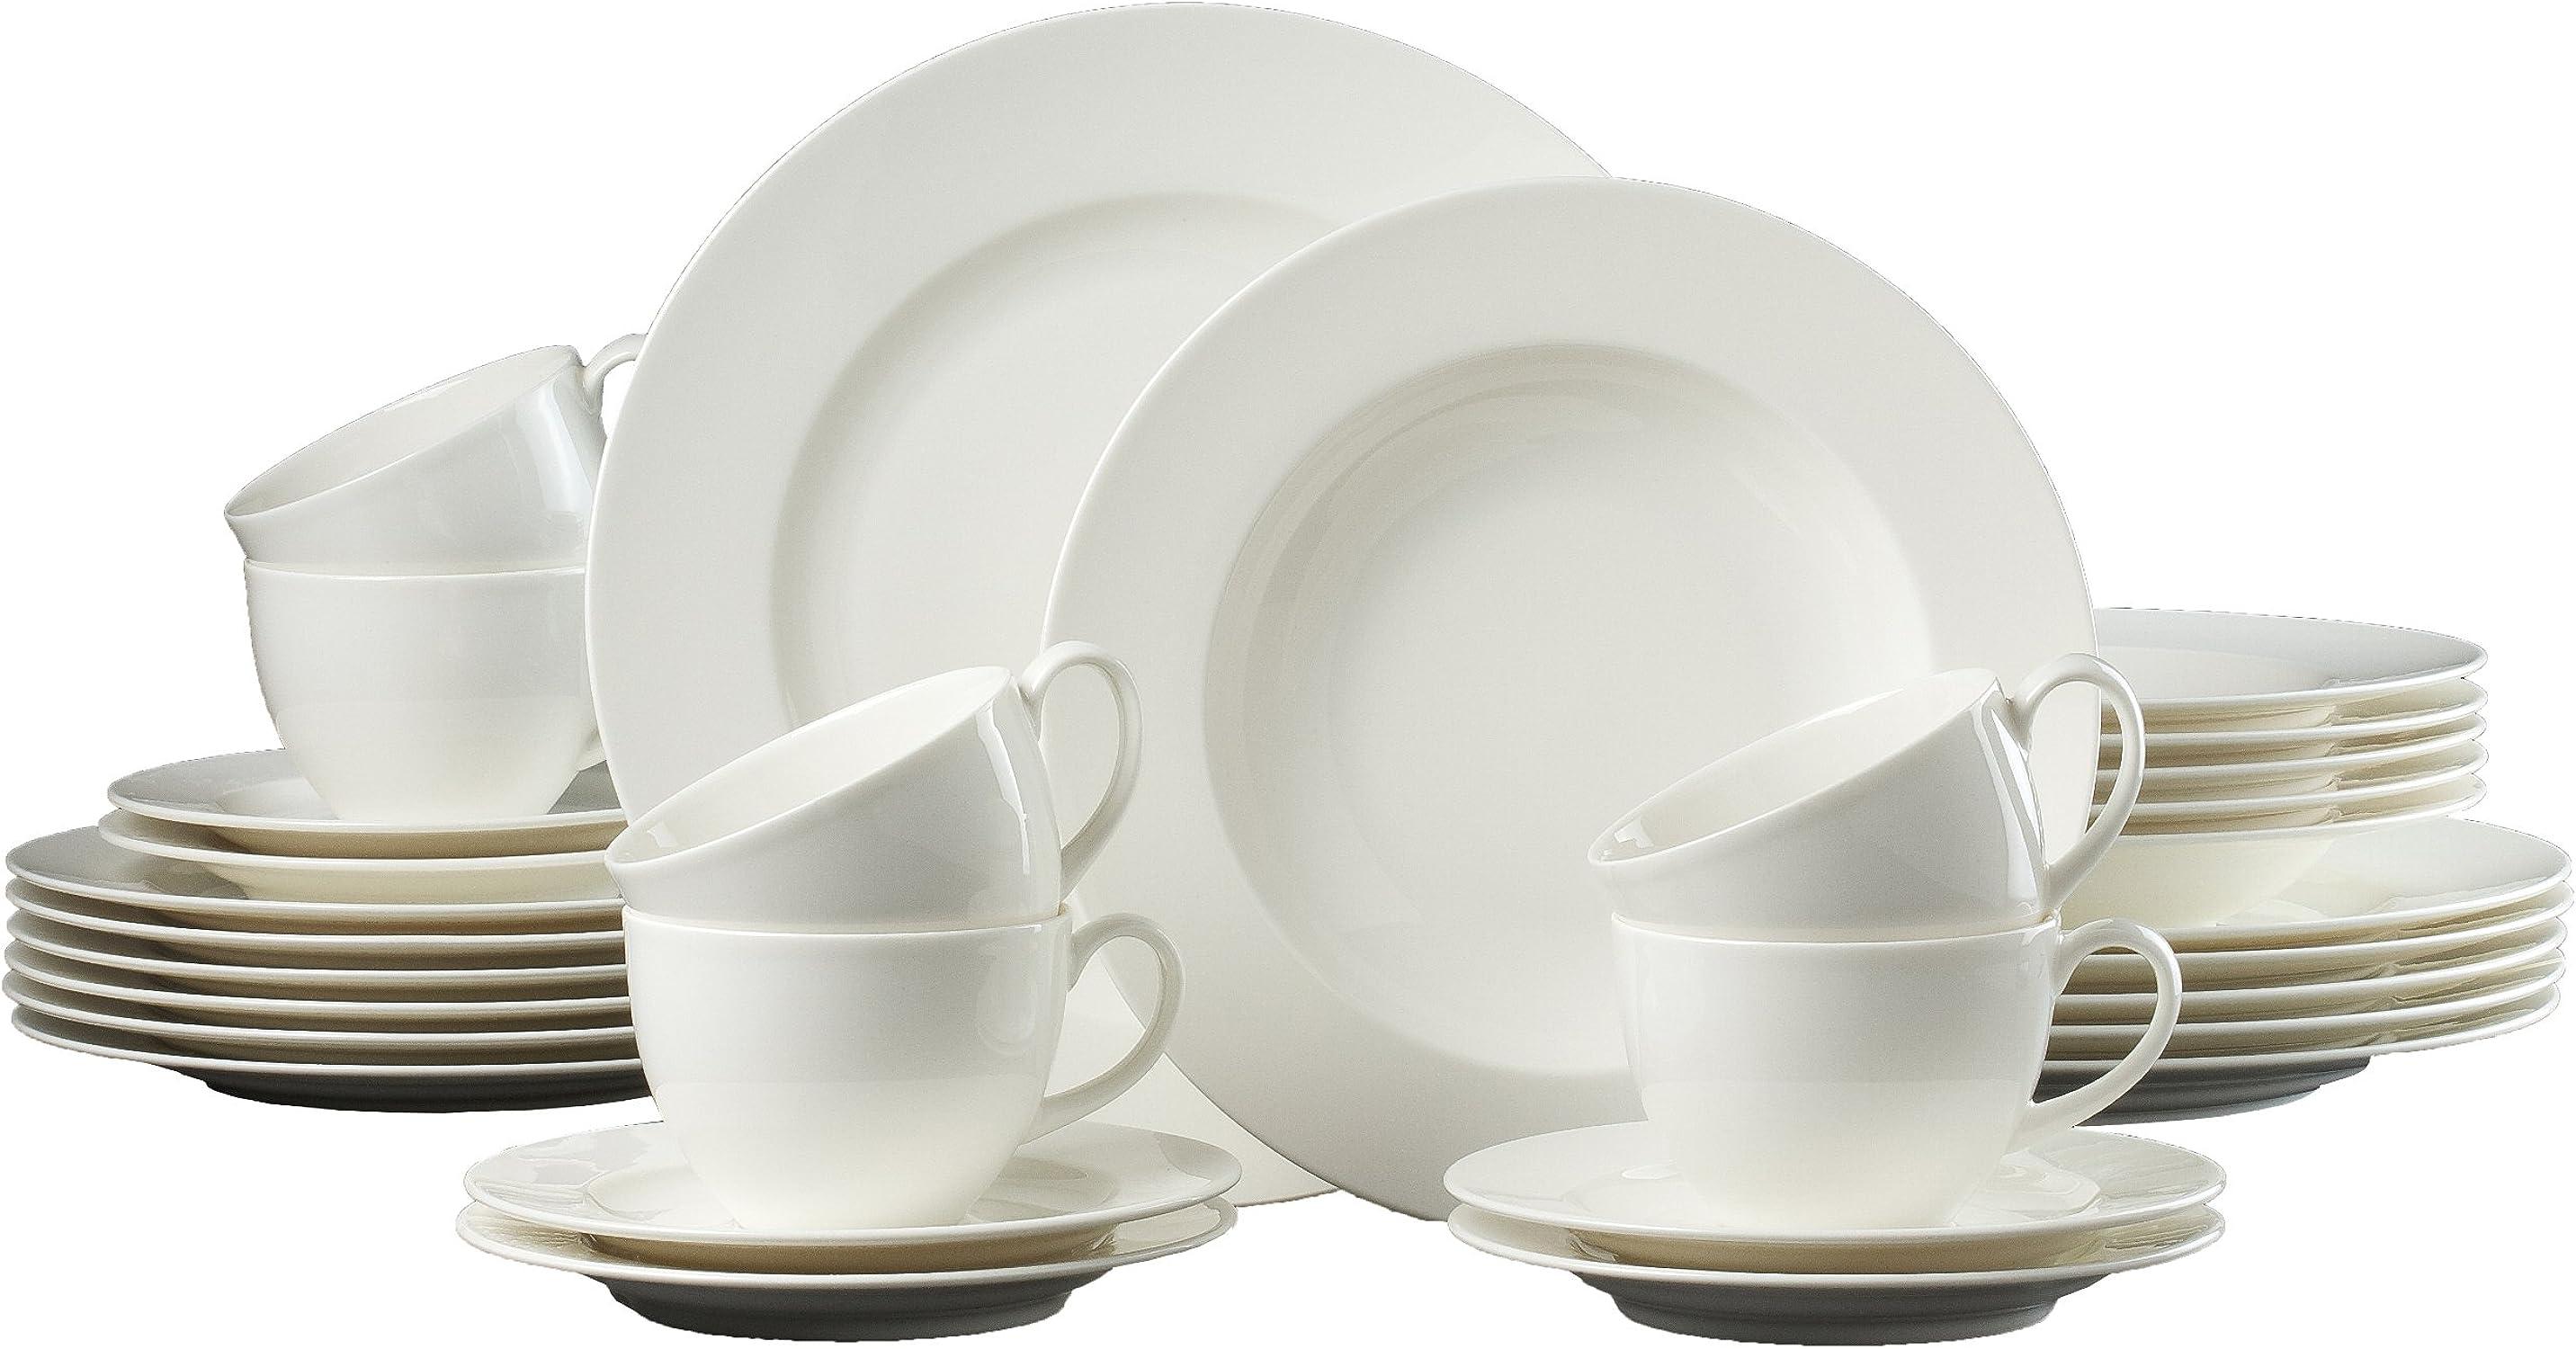 Ritzenhoff & Breker 024074 Solino Service de Table 30 pièces